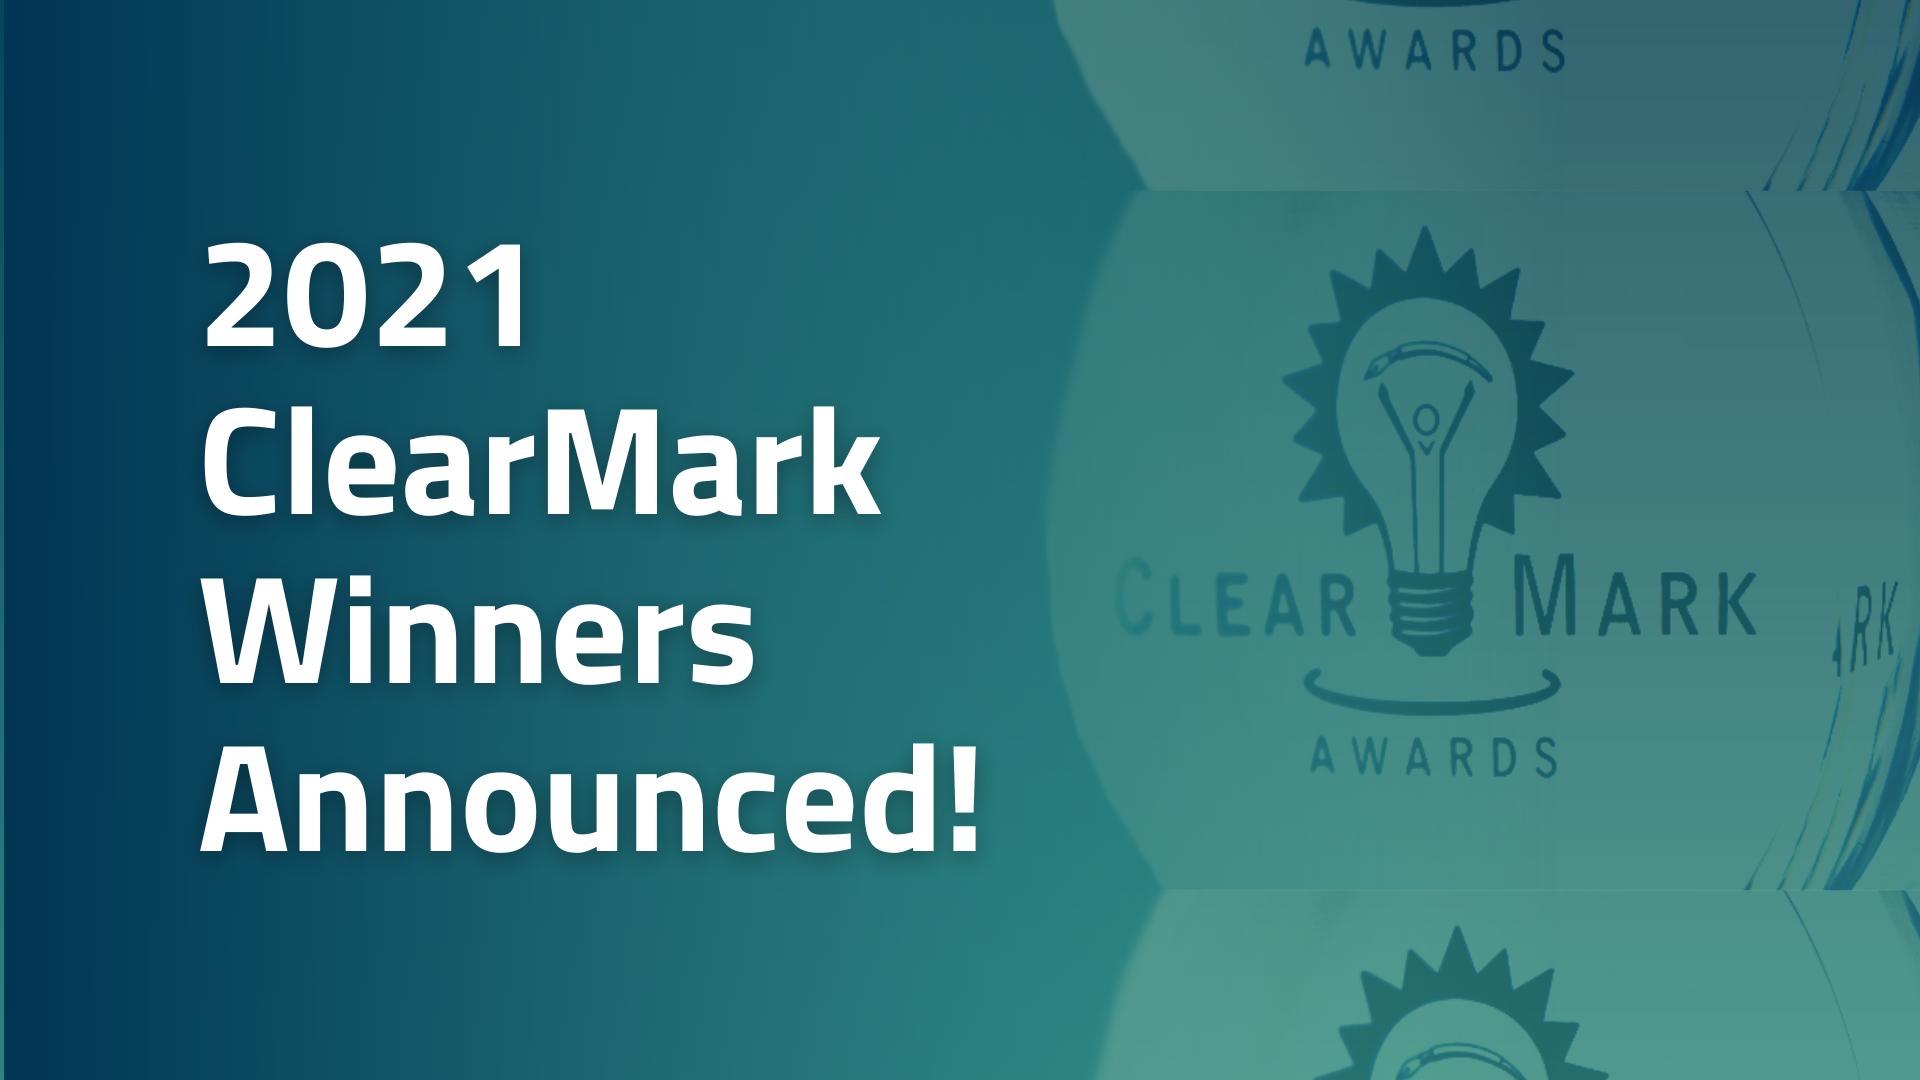 2021 ClearMark Winners Announced